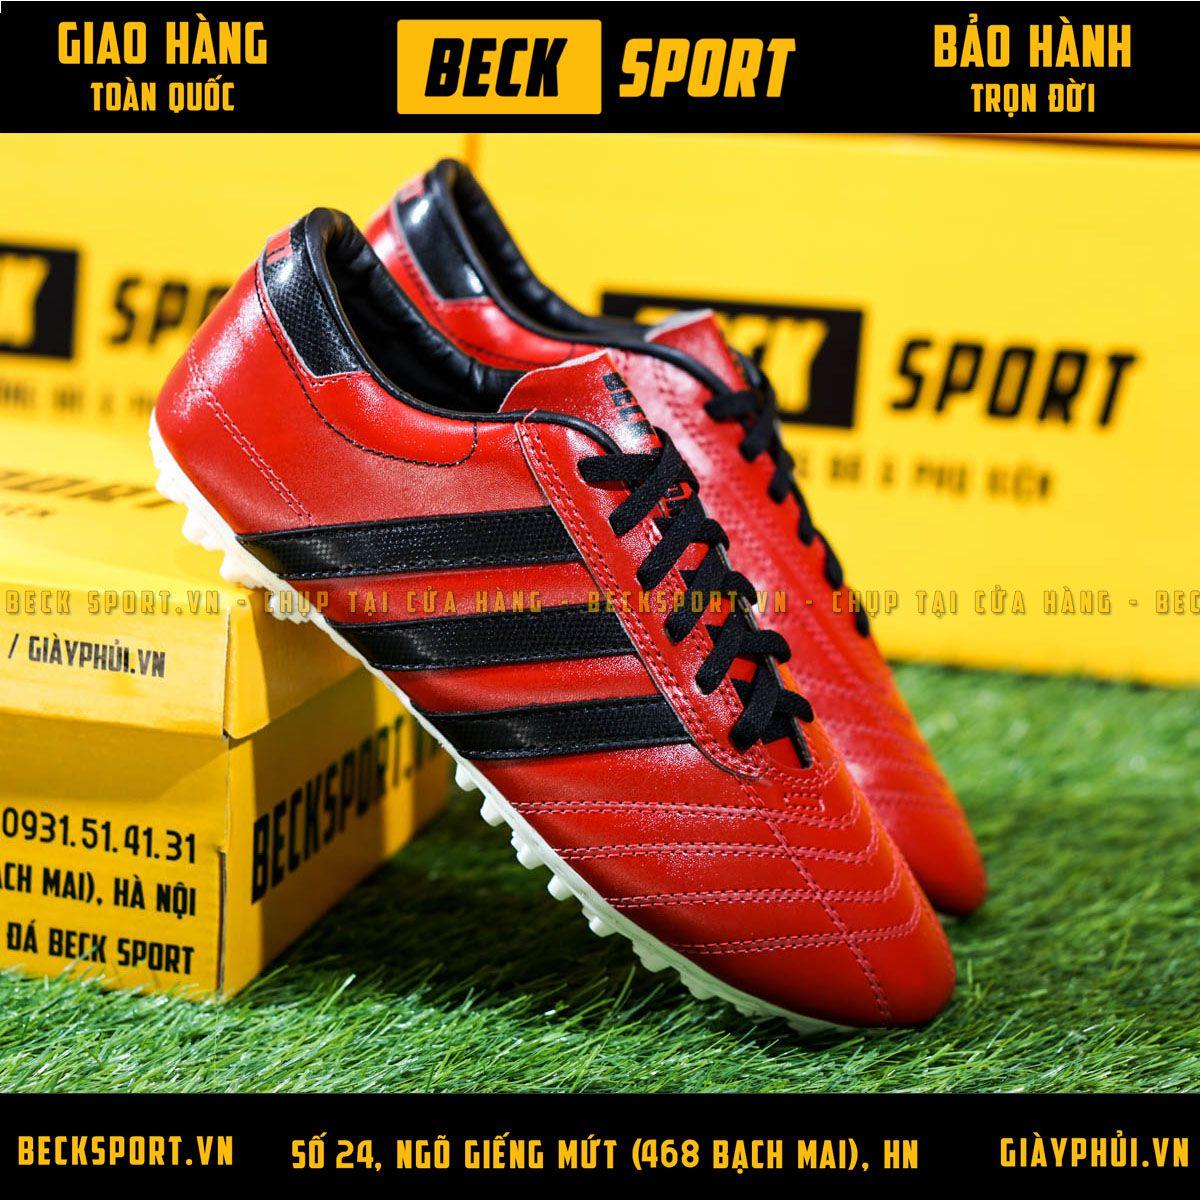 Giày Phủi 3 Sọc Loại 1 - Beck Đỏ Sọc Đen